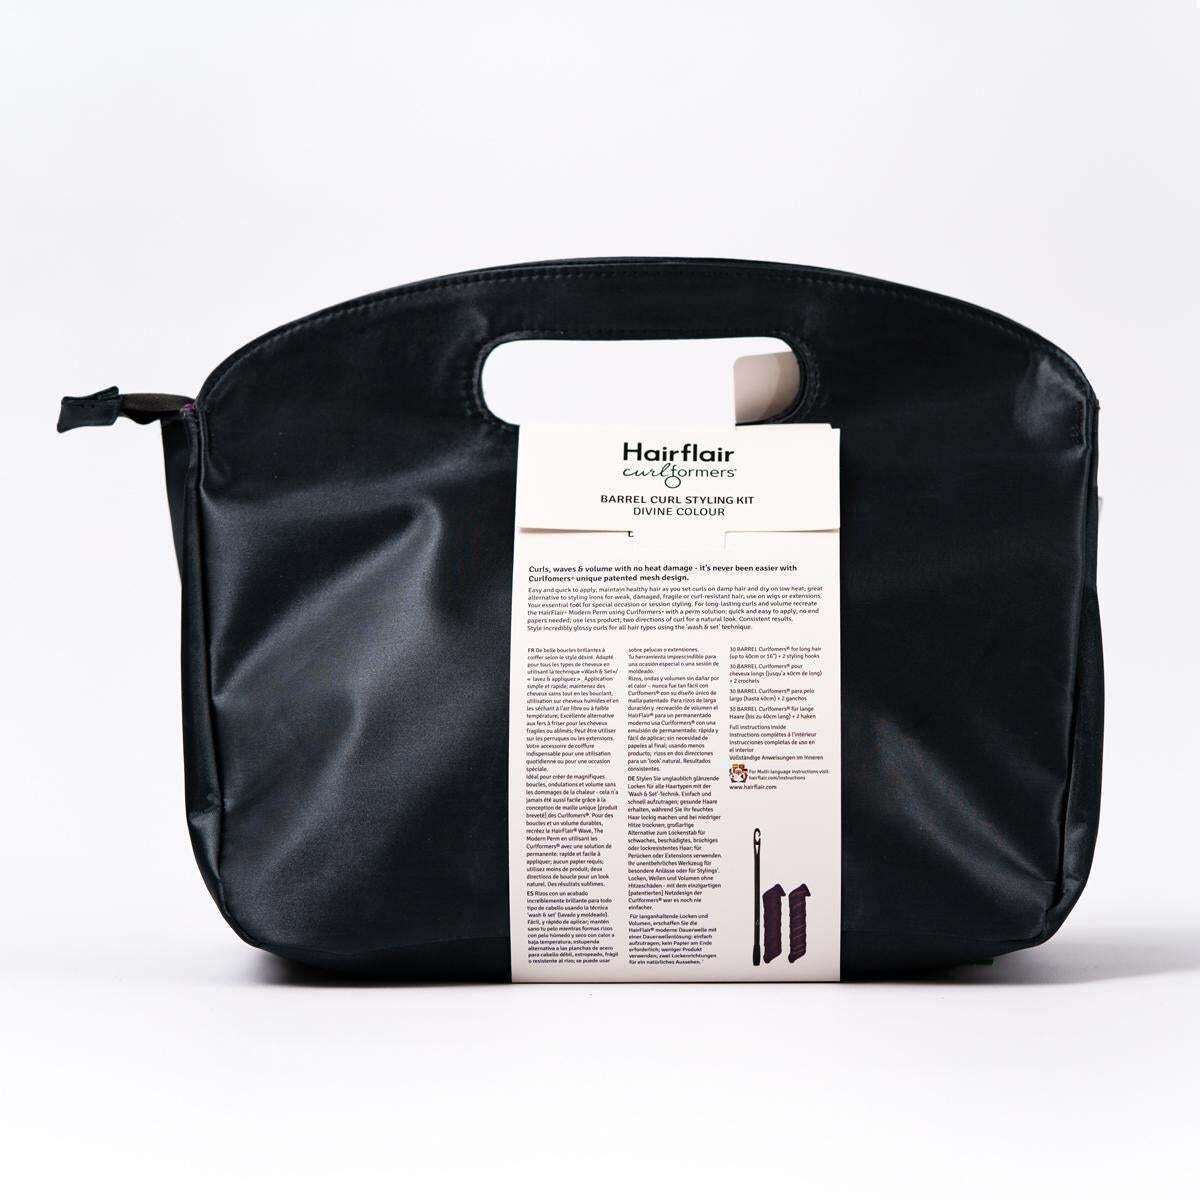 Bild 2 von Hairflair curlformers Barrel Curl Styling Kit